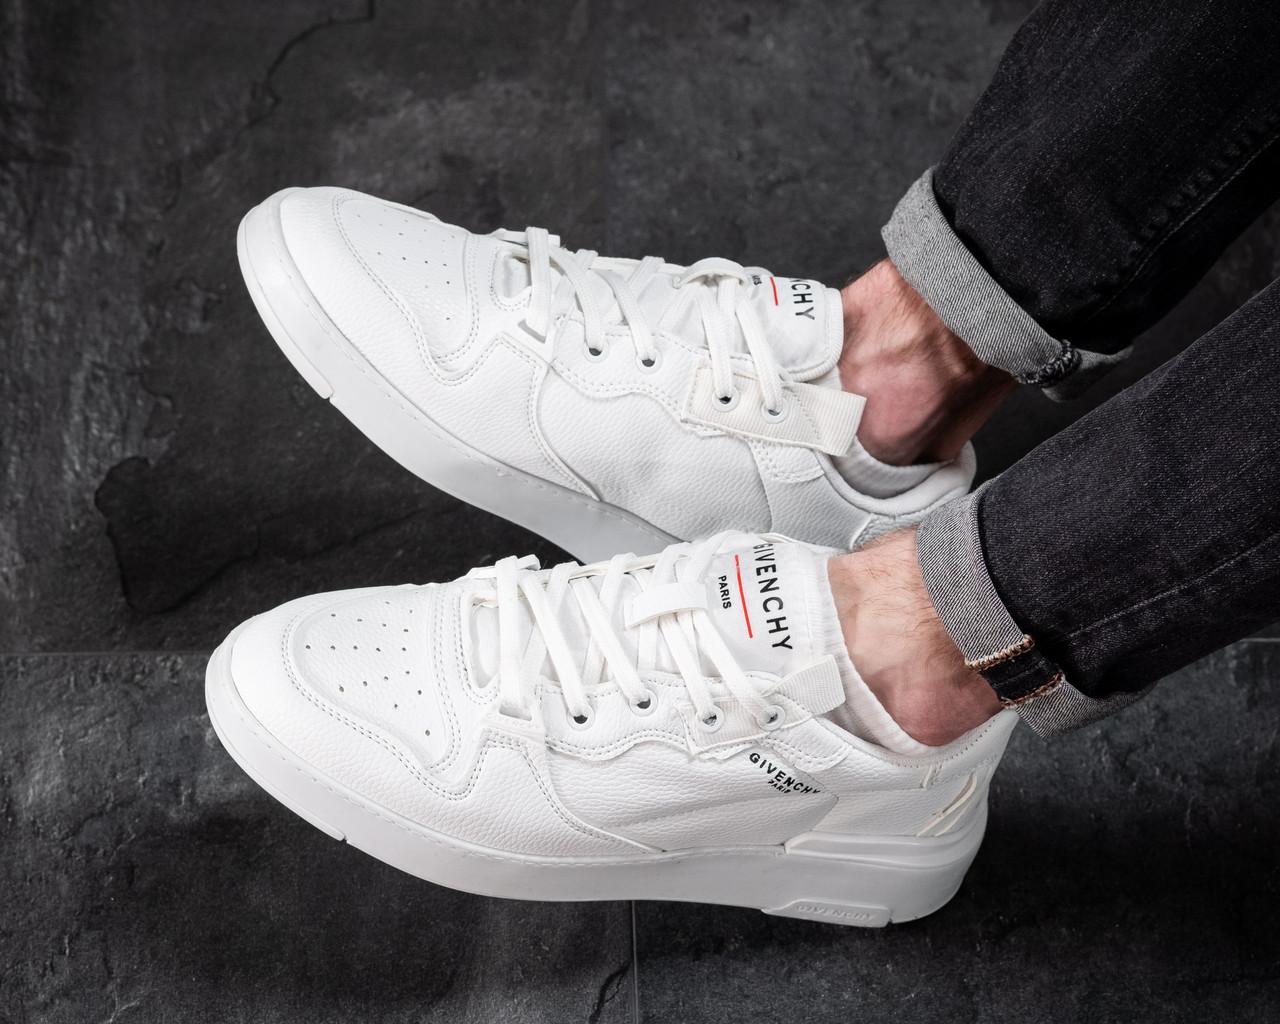 Чоловічі кросівки Білі Шкіряні, Репліка